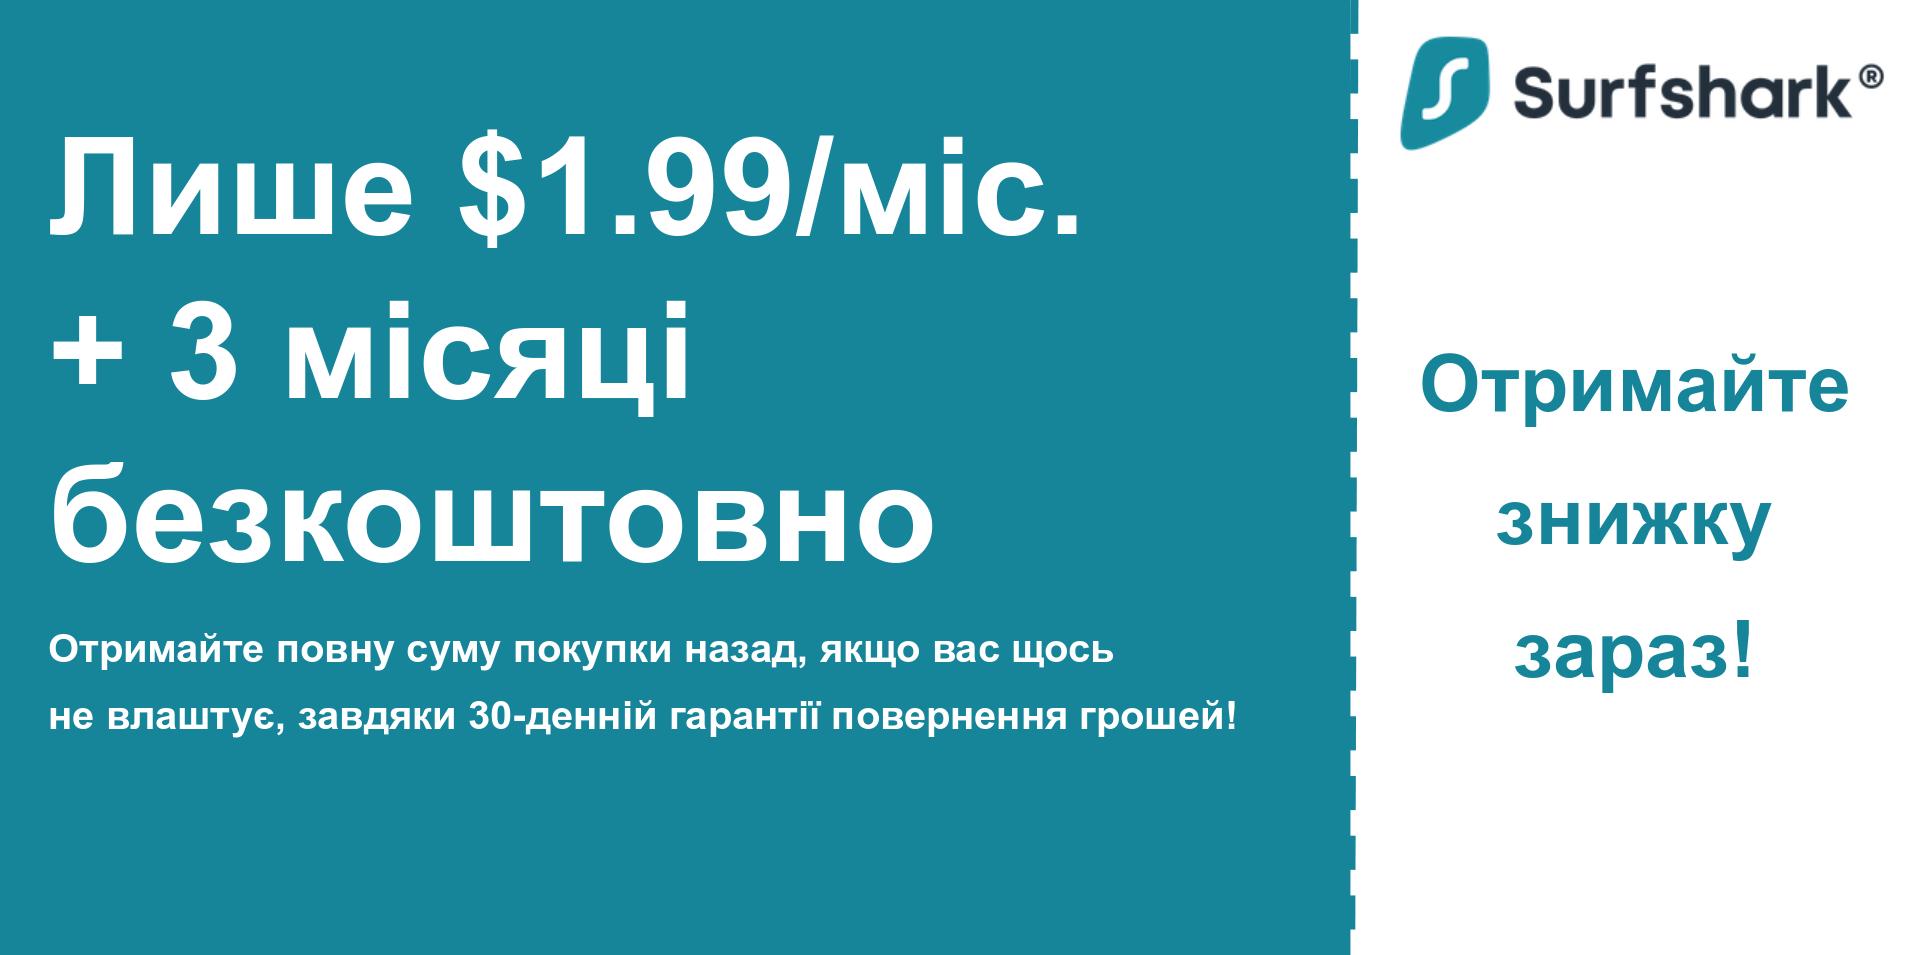 графіка головного купонного банера SurfSharkVPN, що показує 1,99 долара на місяць